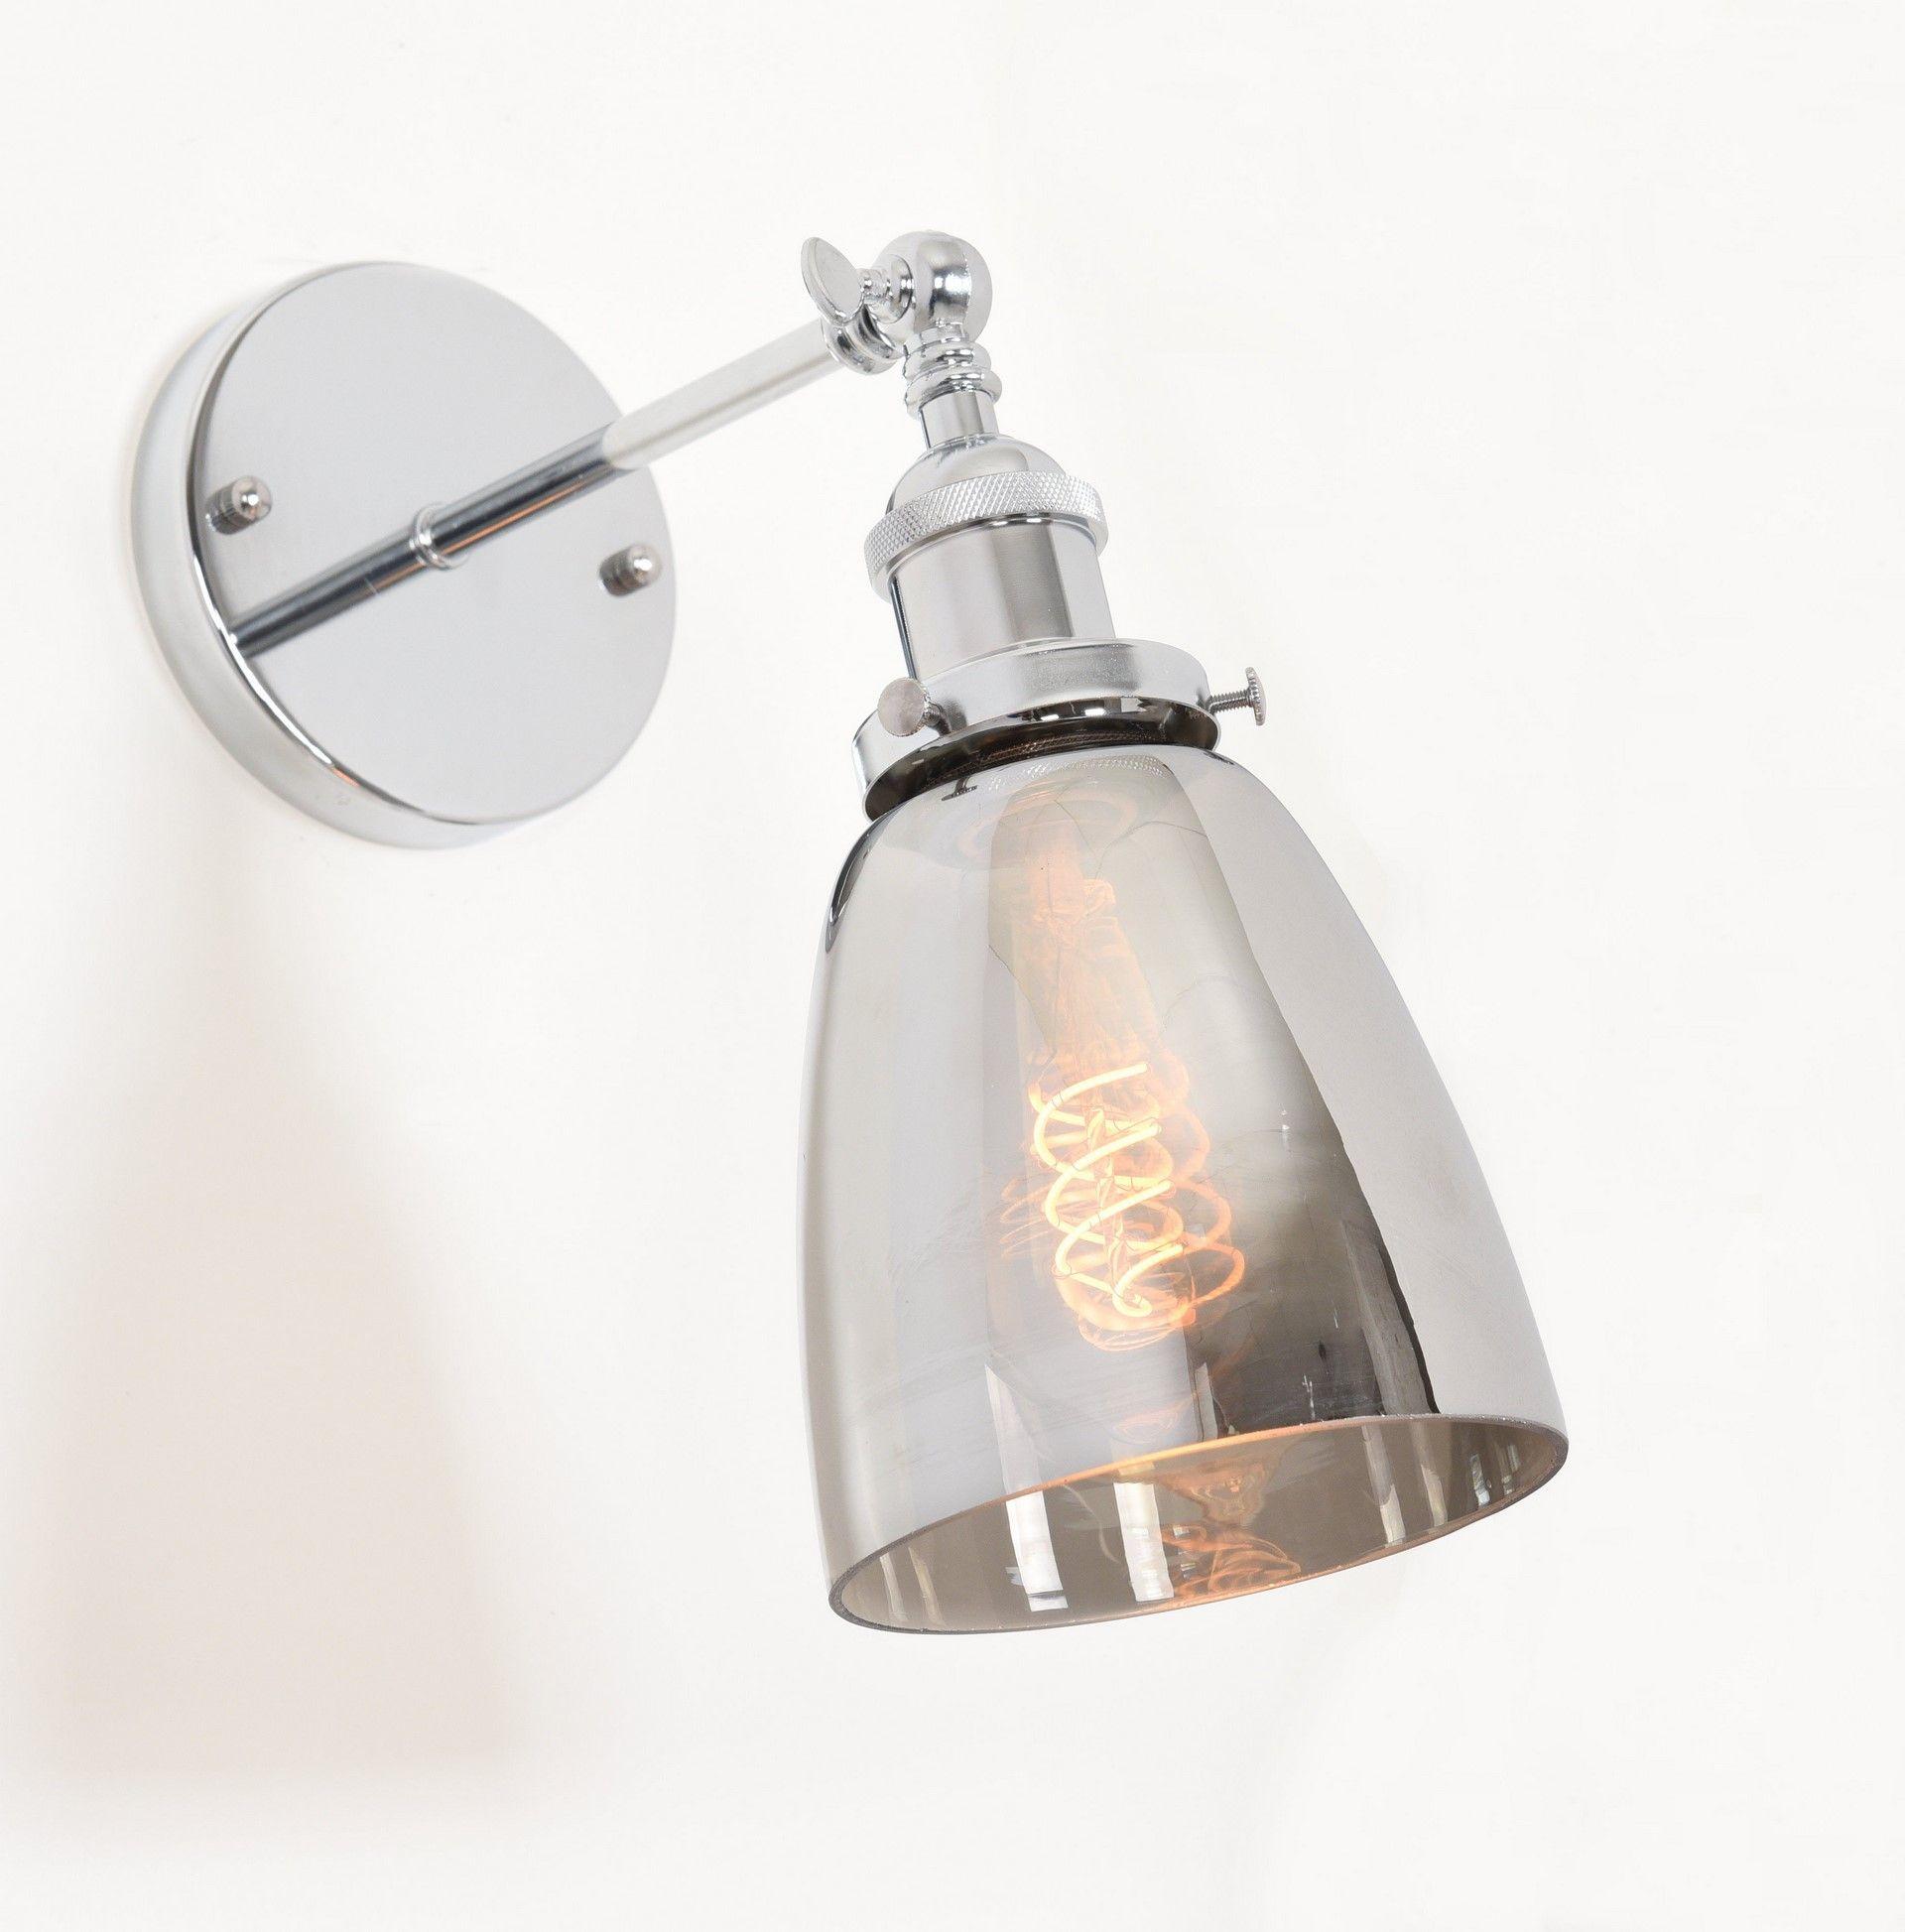 Настенный светильник Lumina Deco Fabi LDW 6800-1 CHR+GY, 1xE27x40W, хром, дымчатый, металл, стекло - фото 2